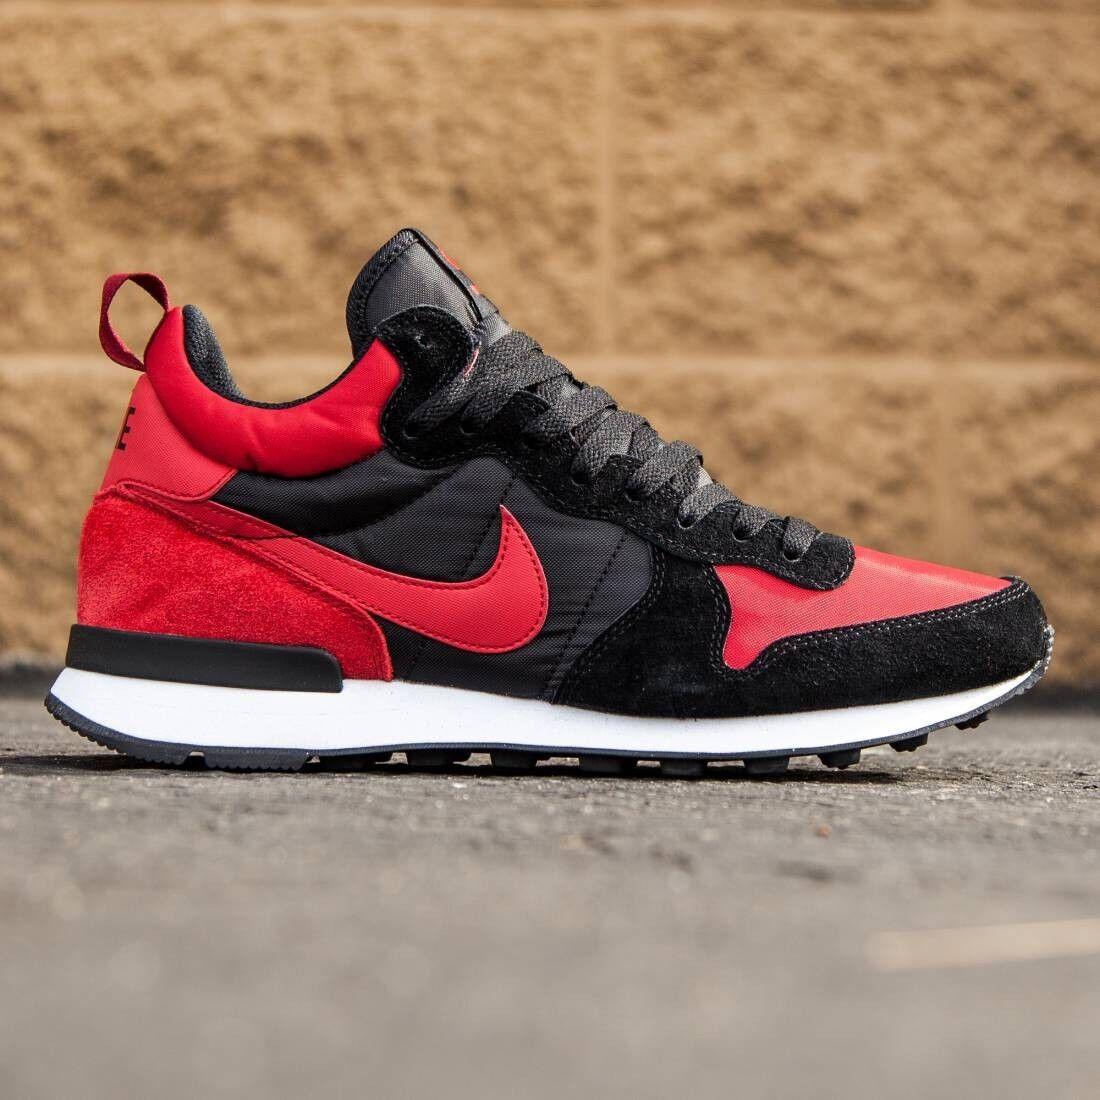 Nike internationalistischen mitte verboten aus rot - schwarz air jordan retro - 1 bei 13 schuhe